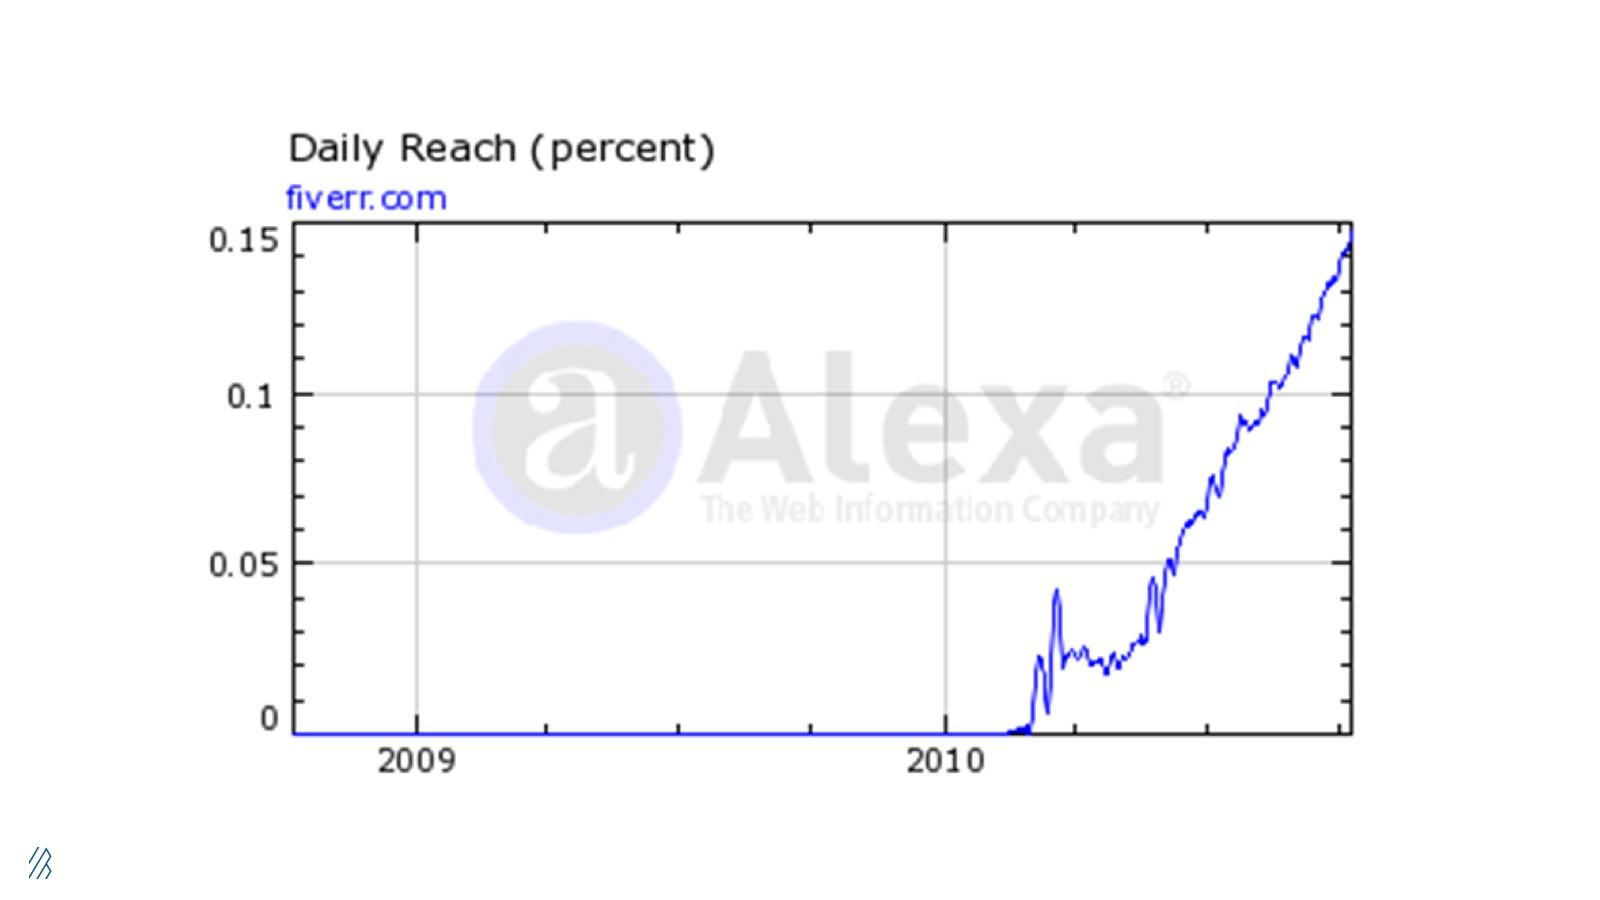 This is an Alexa data chart of Fiverr's daily reach circa 2010.